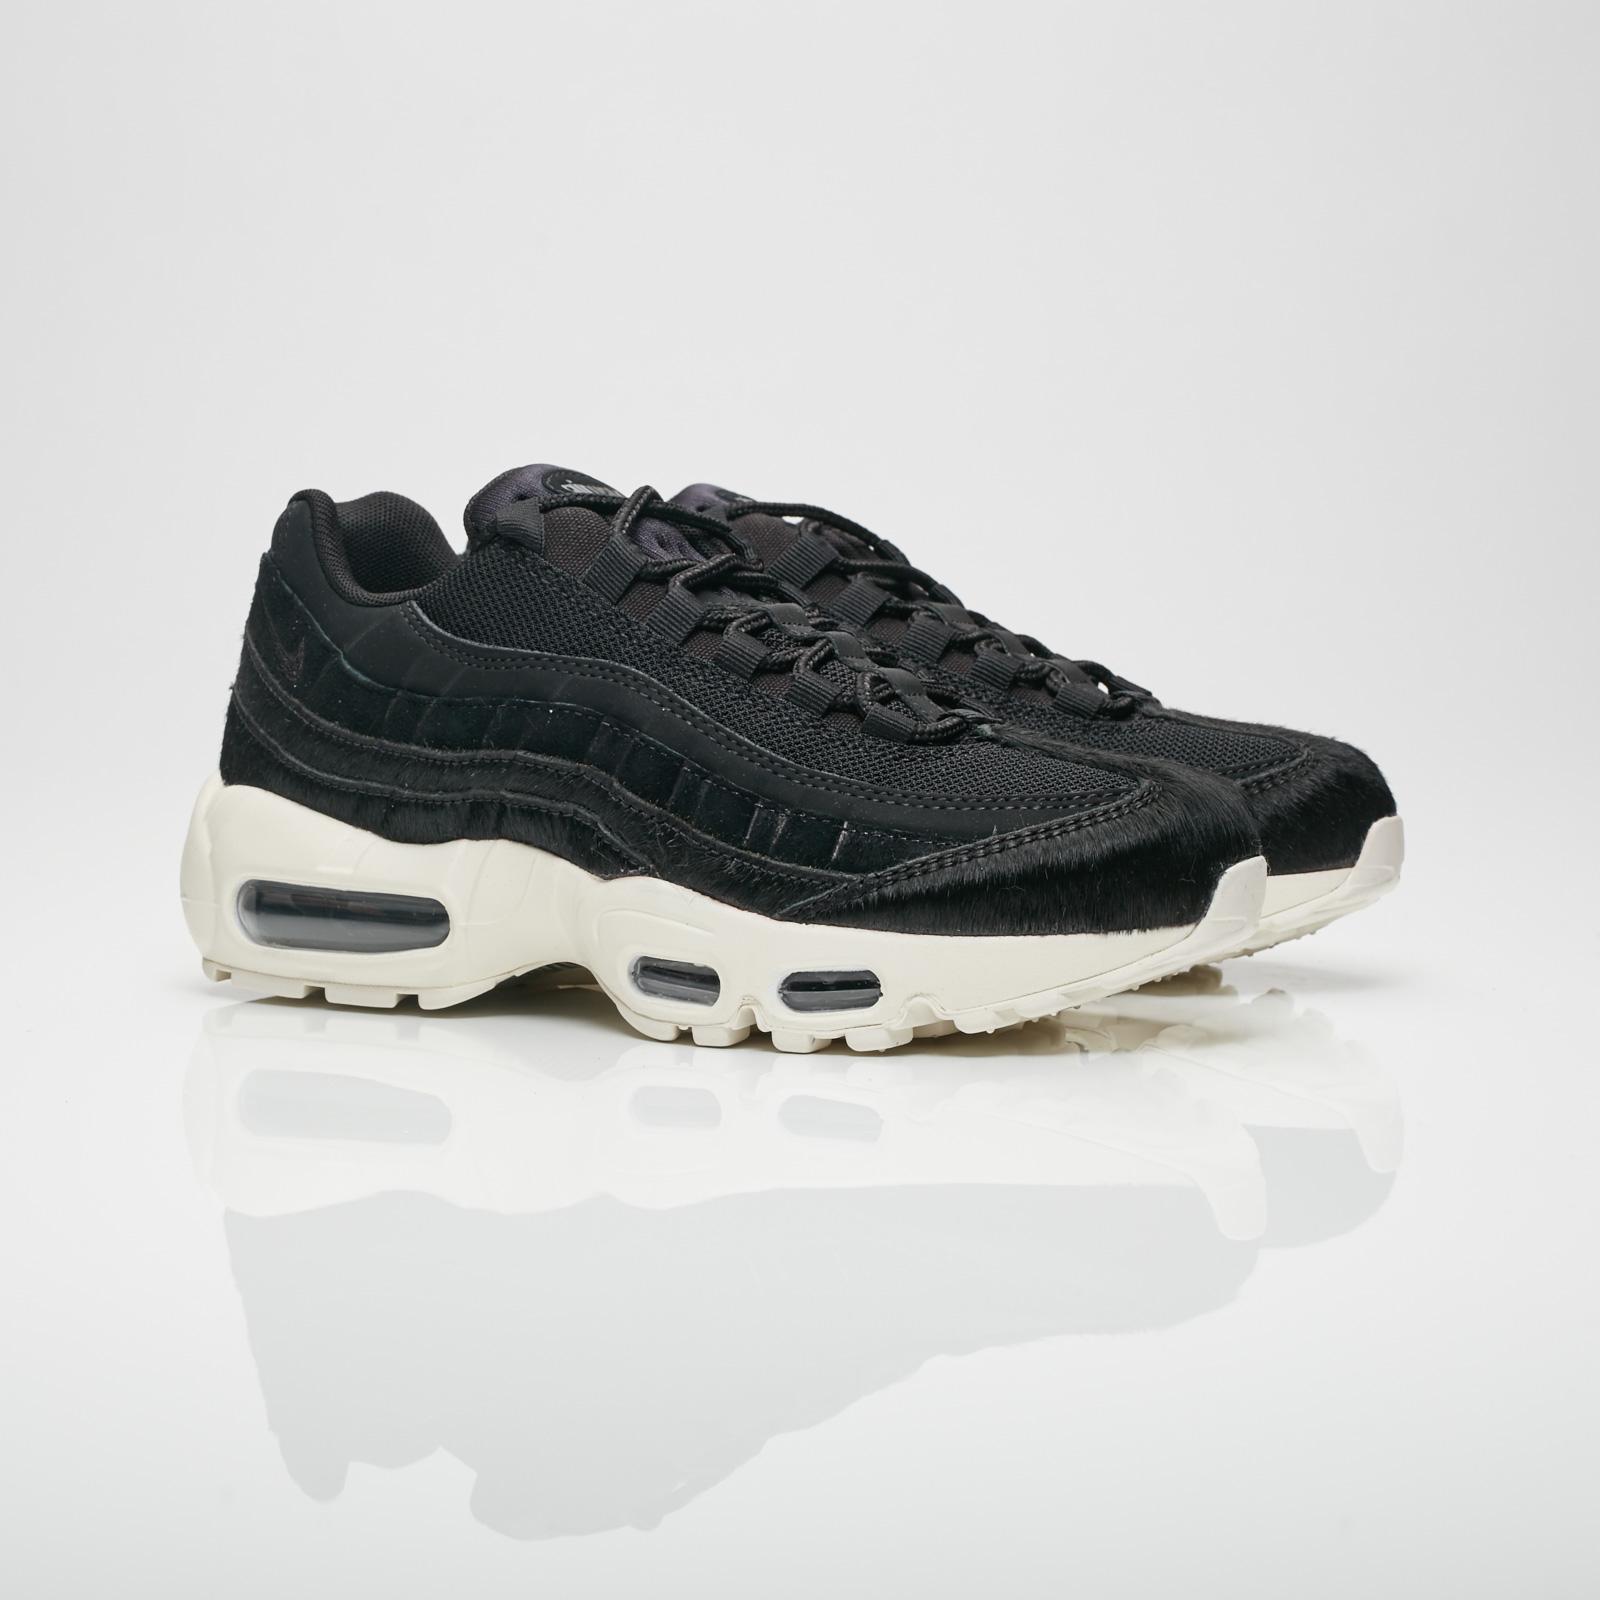 17b6aa2d1f Nike Wmns Air Max 95 LX - Aa1103-001 - Sneakersnstuff   sneakers ...